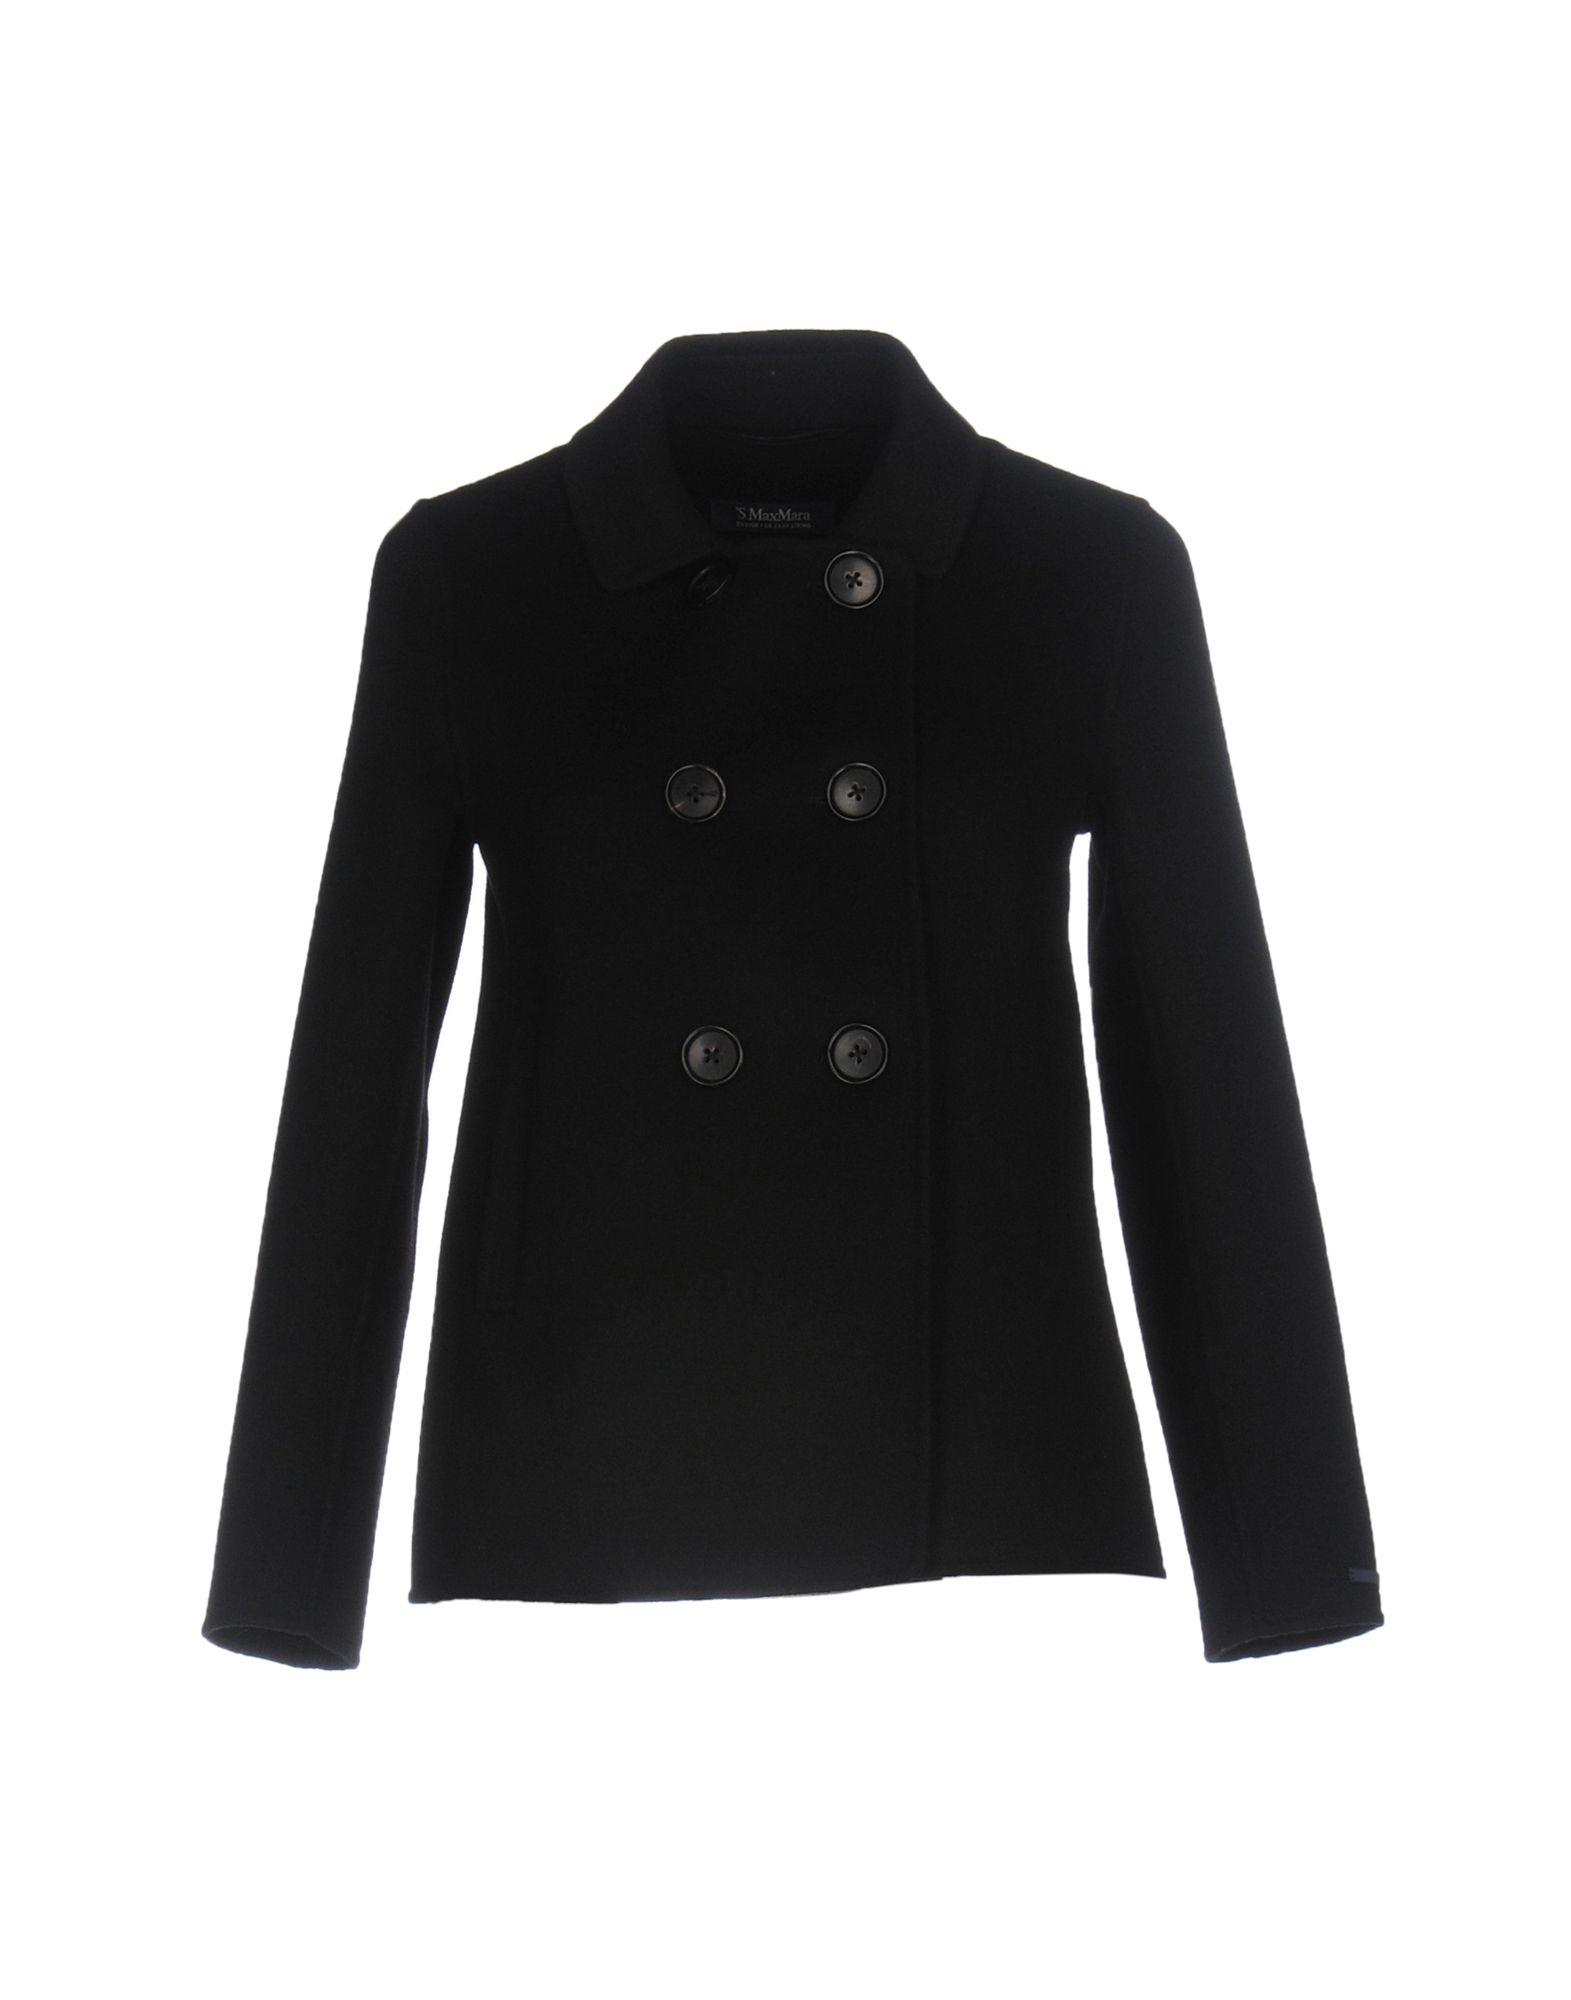 Max Mara Coats In Black